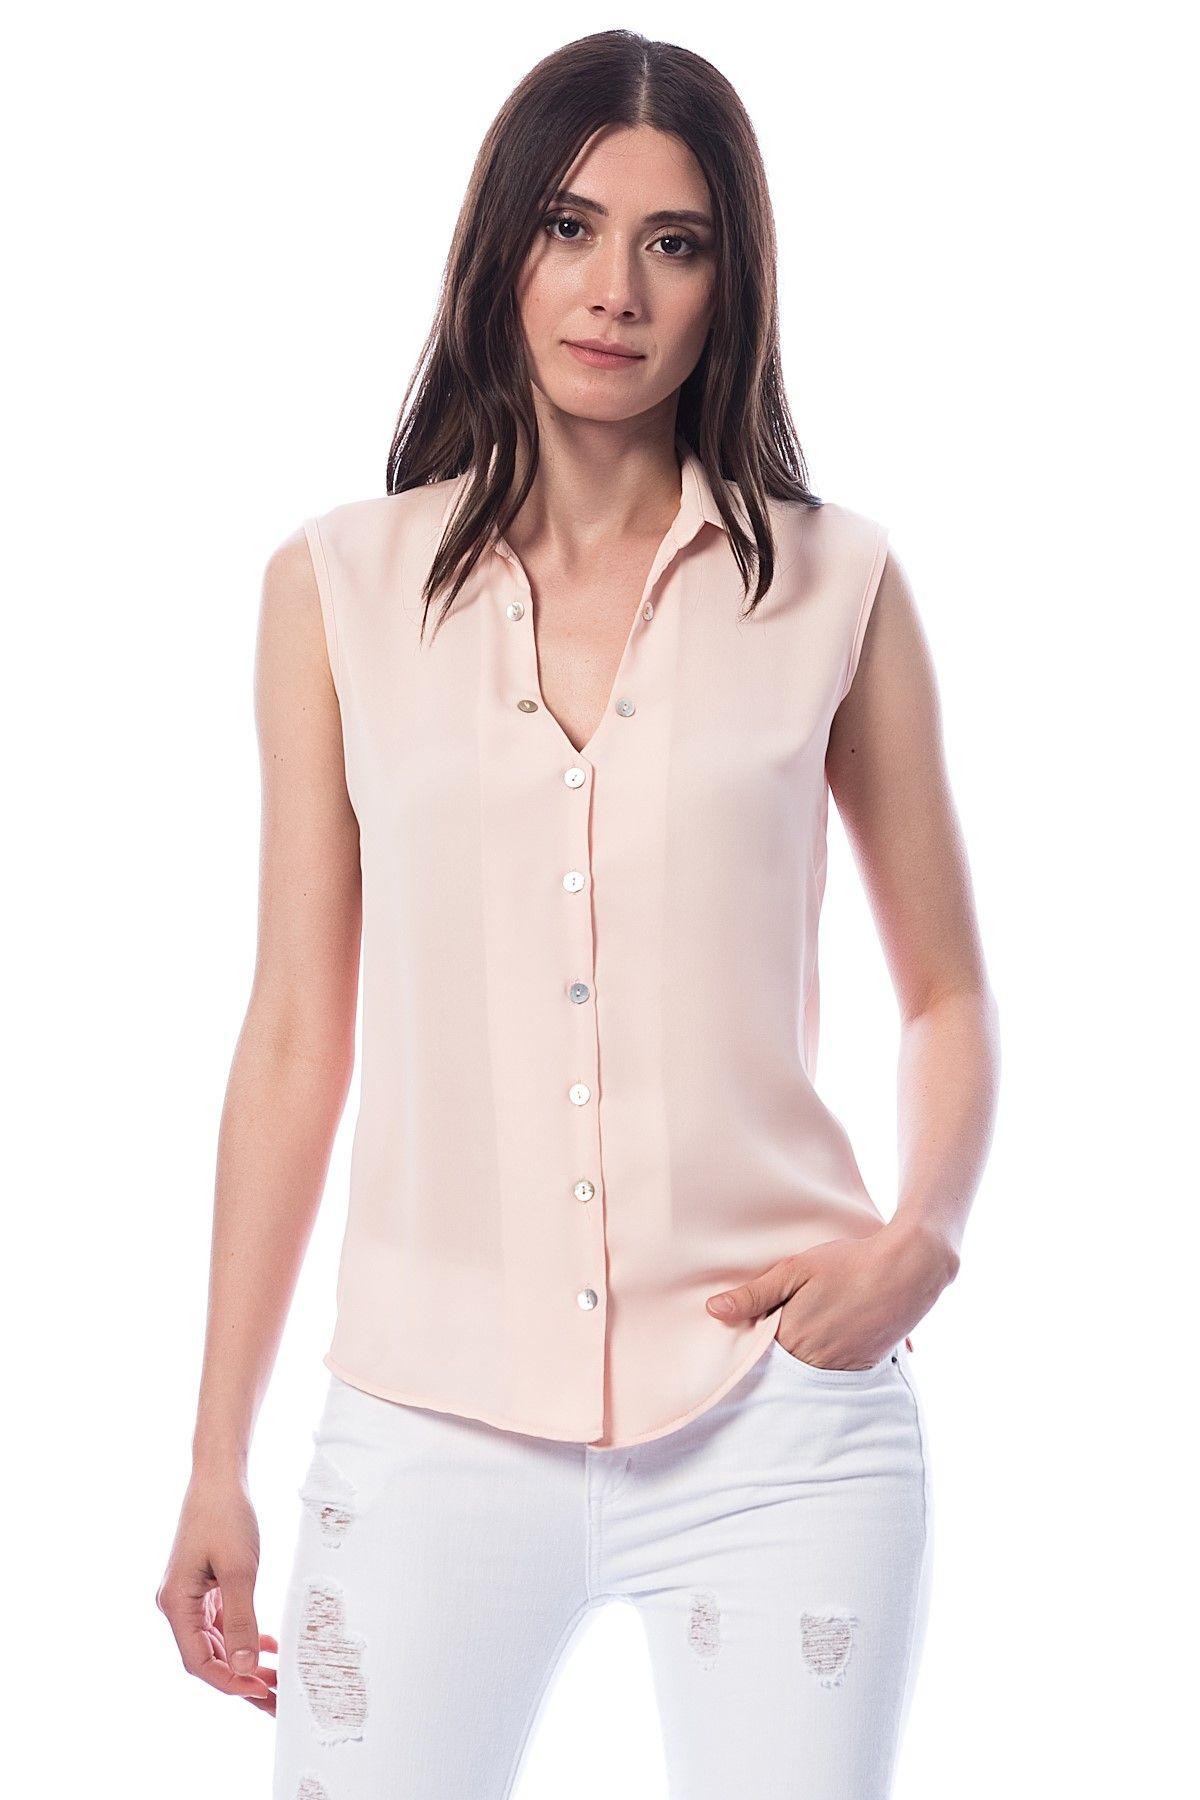 Somon Rengi Sifir Kol Bayan Gomlek Modelleri Sik Kombinler Icin Moda Yeni Moda Gomlek